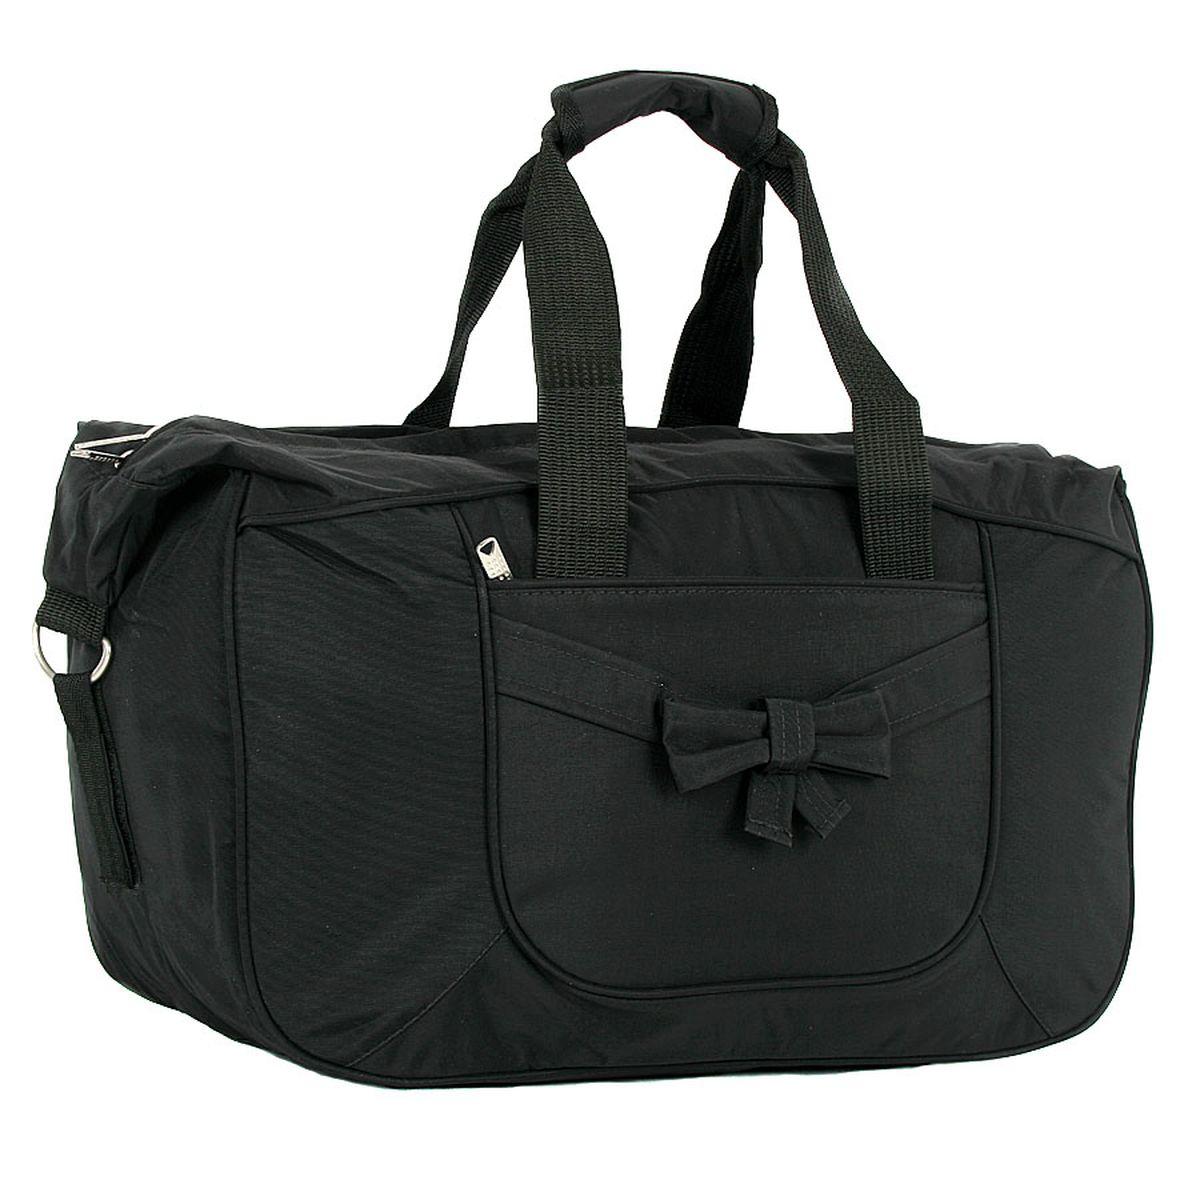 Сумка спортивная Polar, цвет: черный, 23,5 л. 59875987_черныйМатериал – полиэстер с водоотталкивающей пропиткой. Вместительная спортивная сумка среднего размера. Одно отделение. Карман на передней части. В комплект входит съемный плечевой ремень. Эта сумка идеально подойдет для спорта и отдыха. Спортивная сумка для ваших вещей.